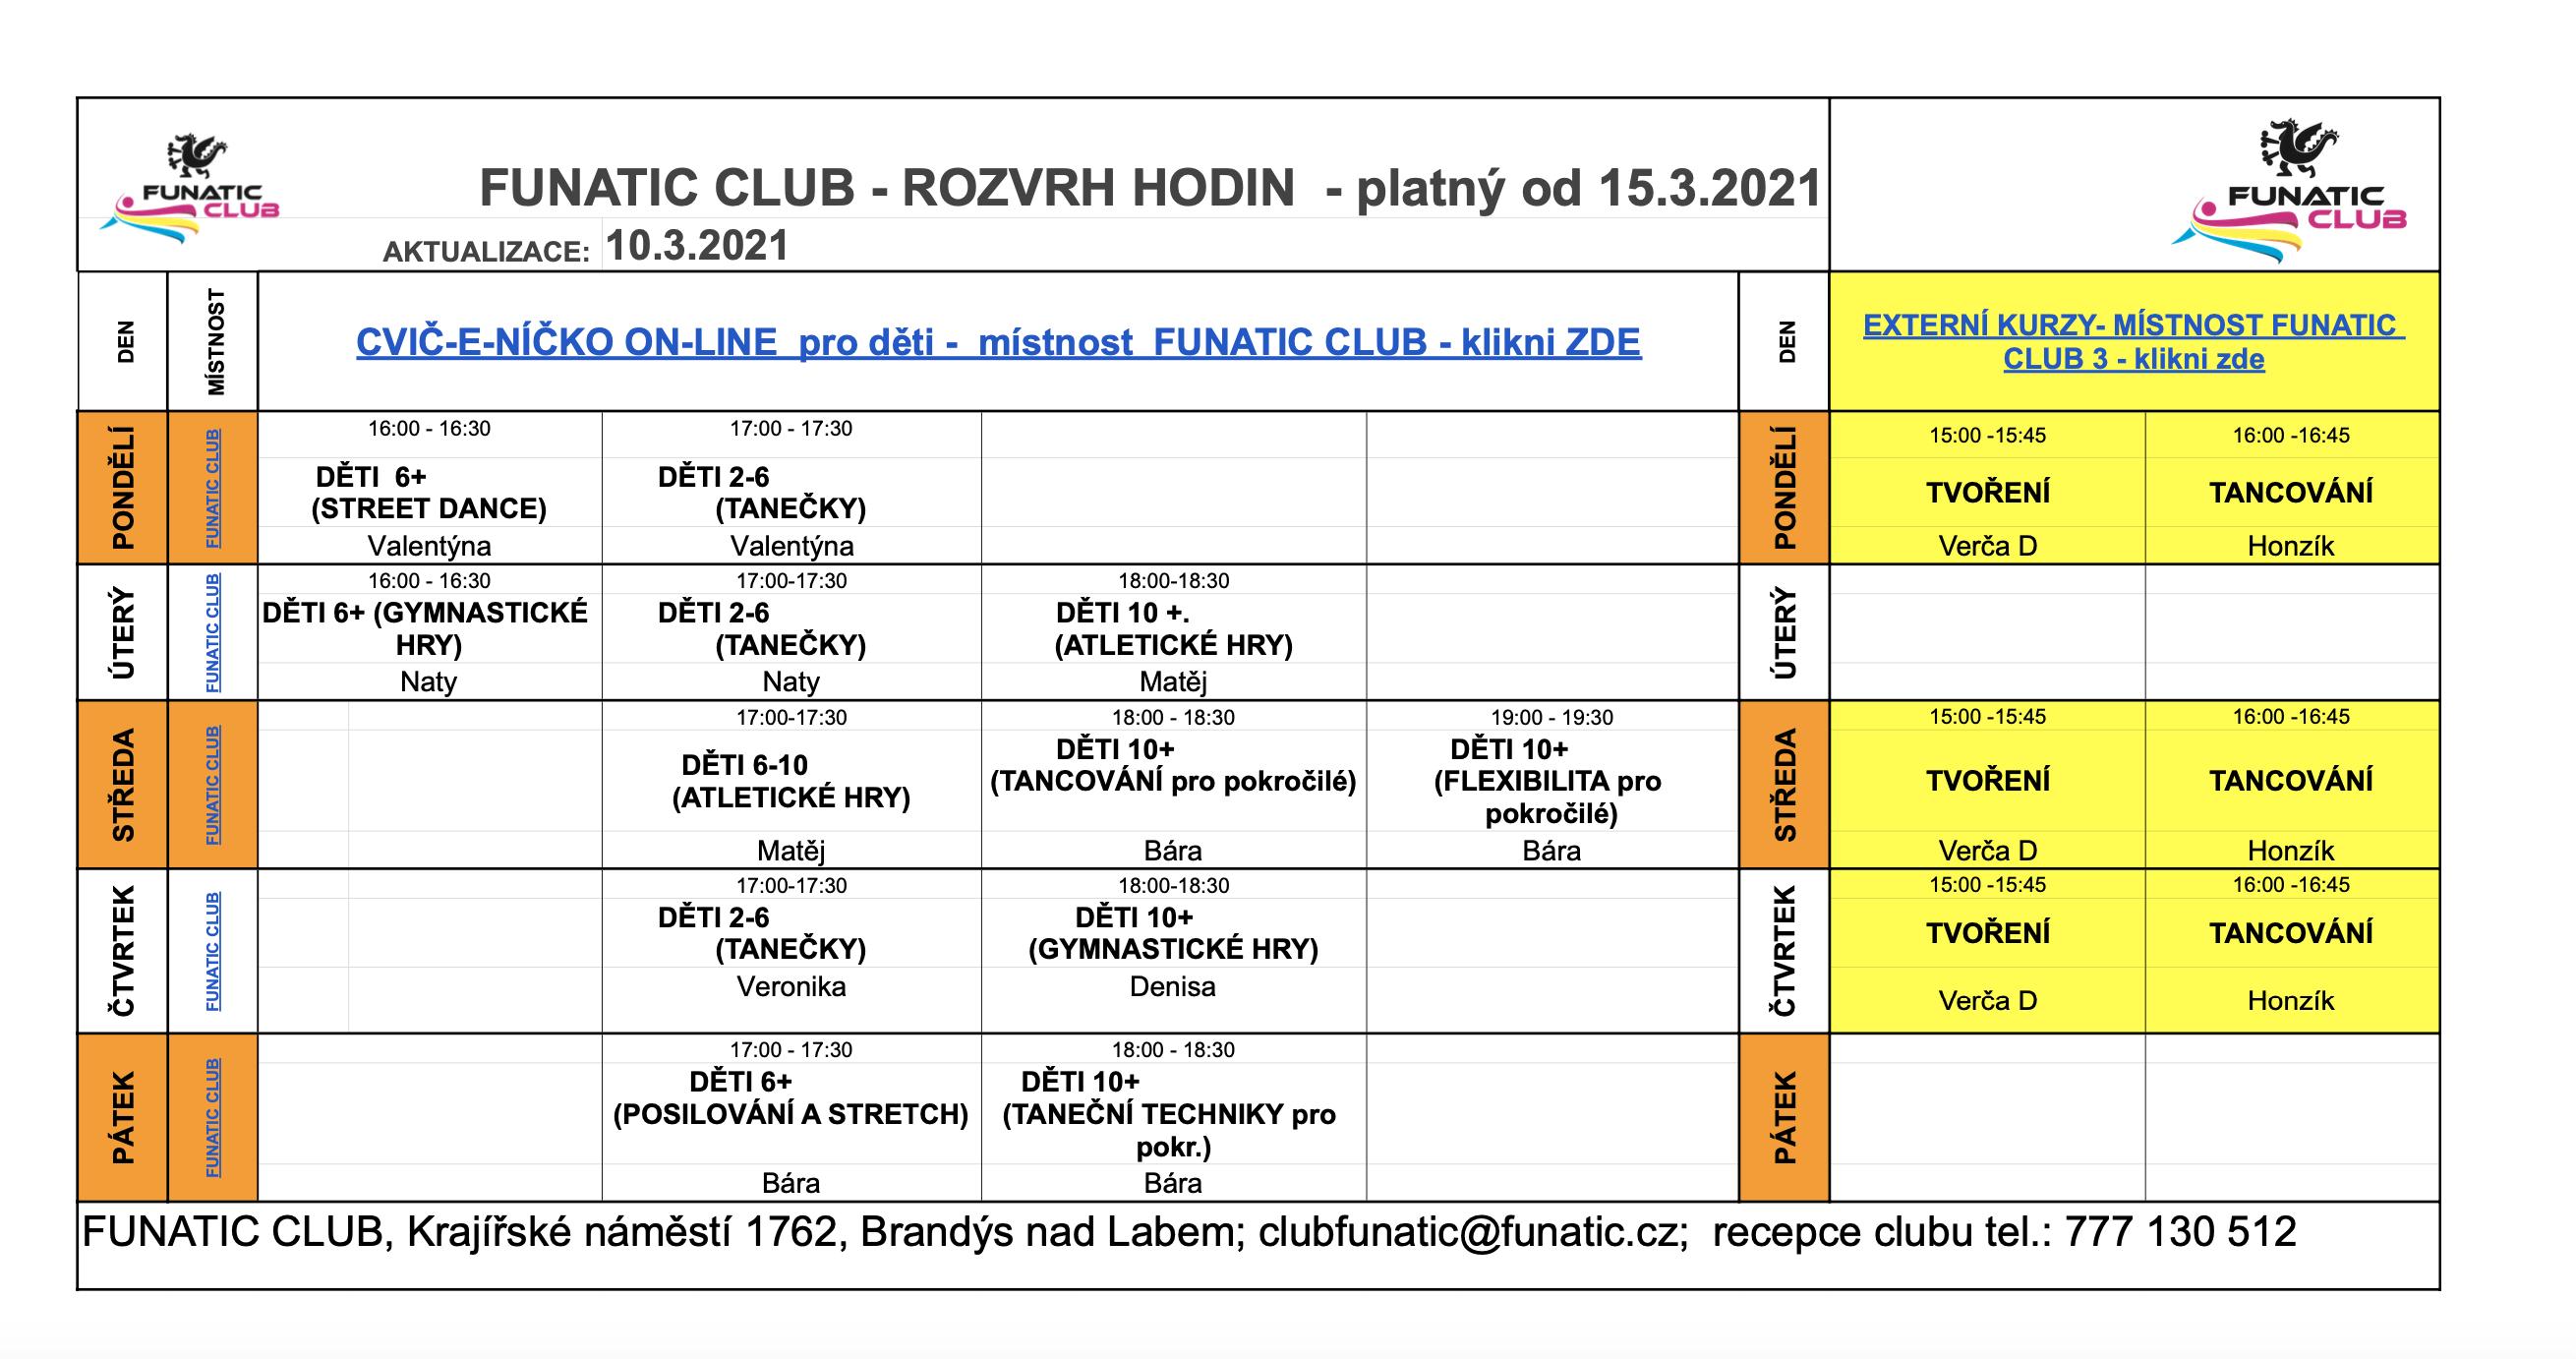 Funatic club rozvrh